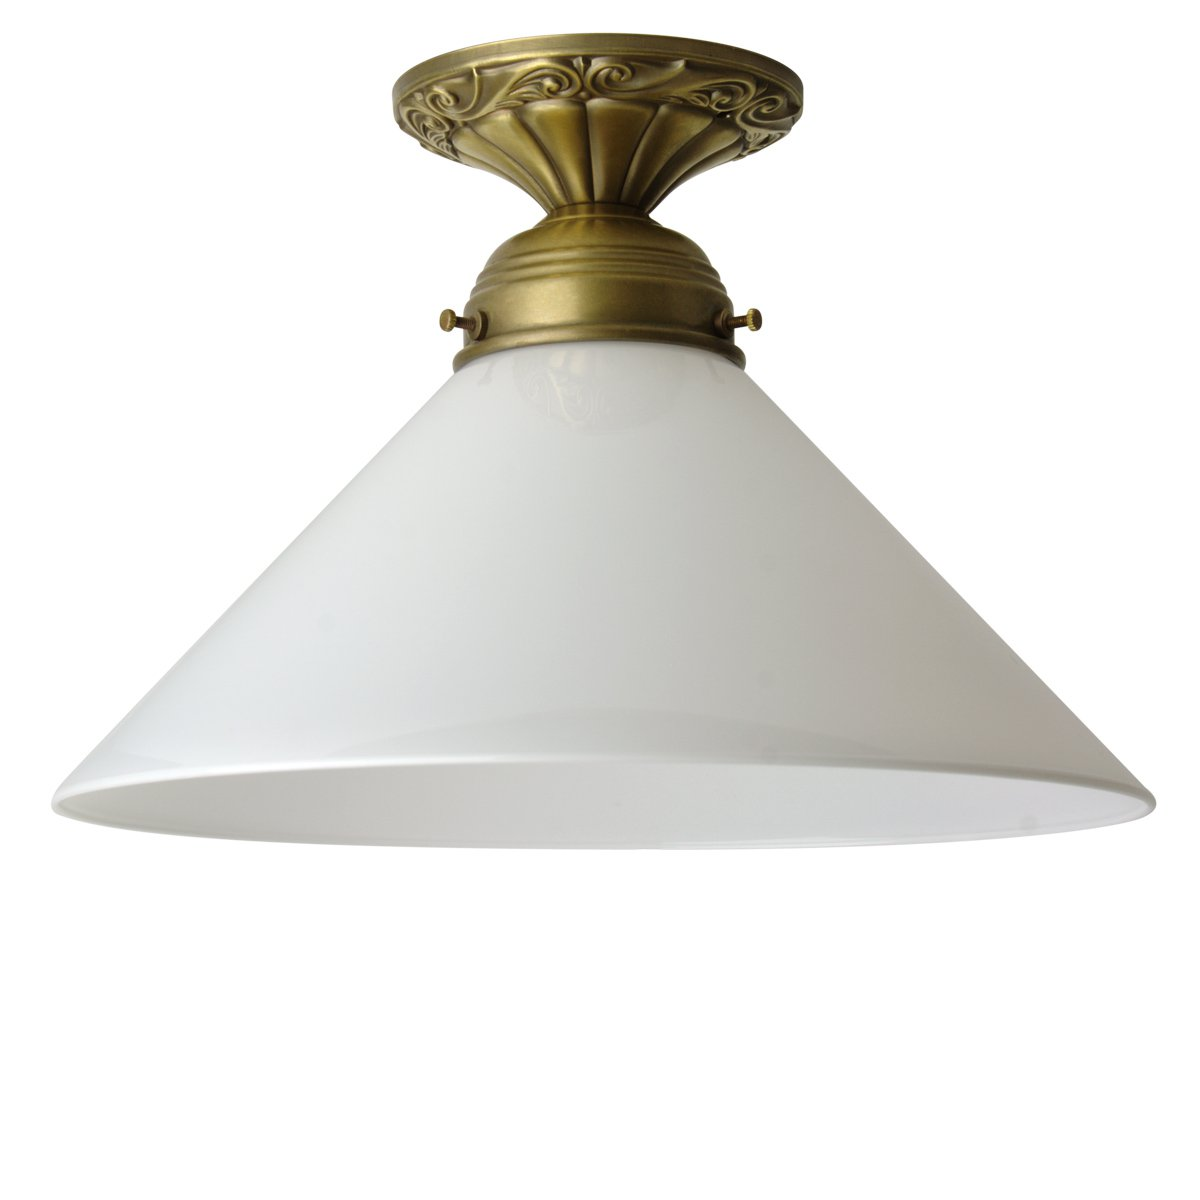 Landhauslampen | Leuchten und Lampen im Landhausstil